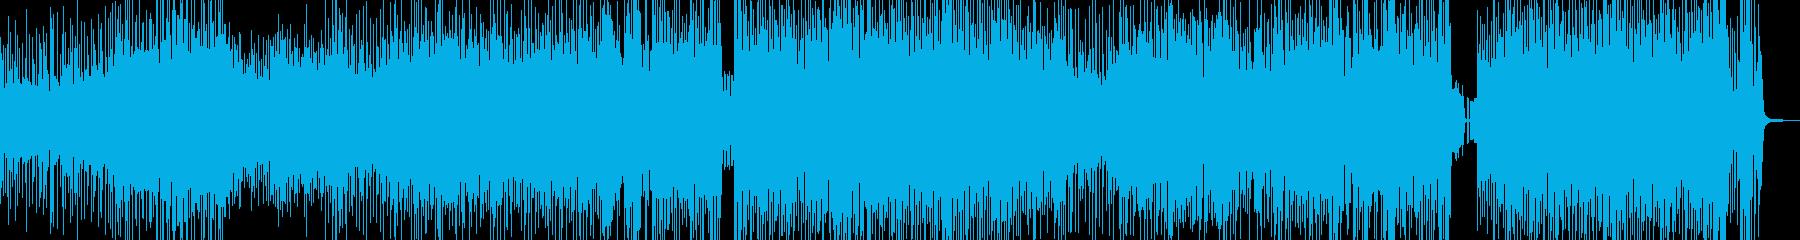 クセになるメロディの三味線テクノ 長尺の再生済みの波形